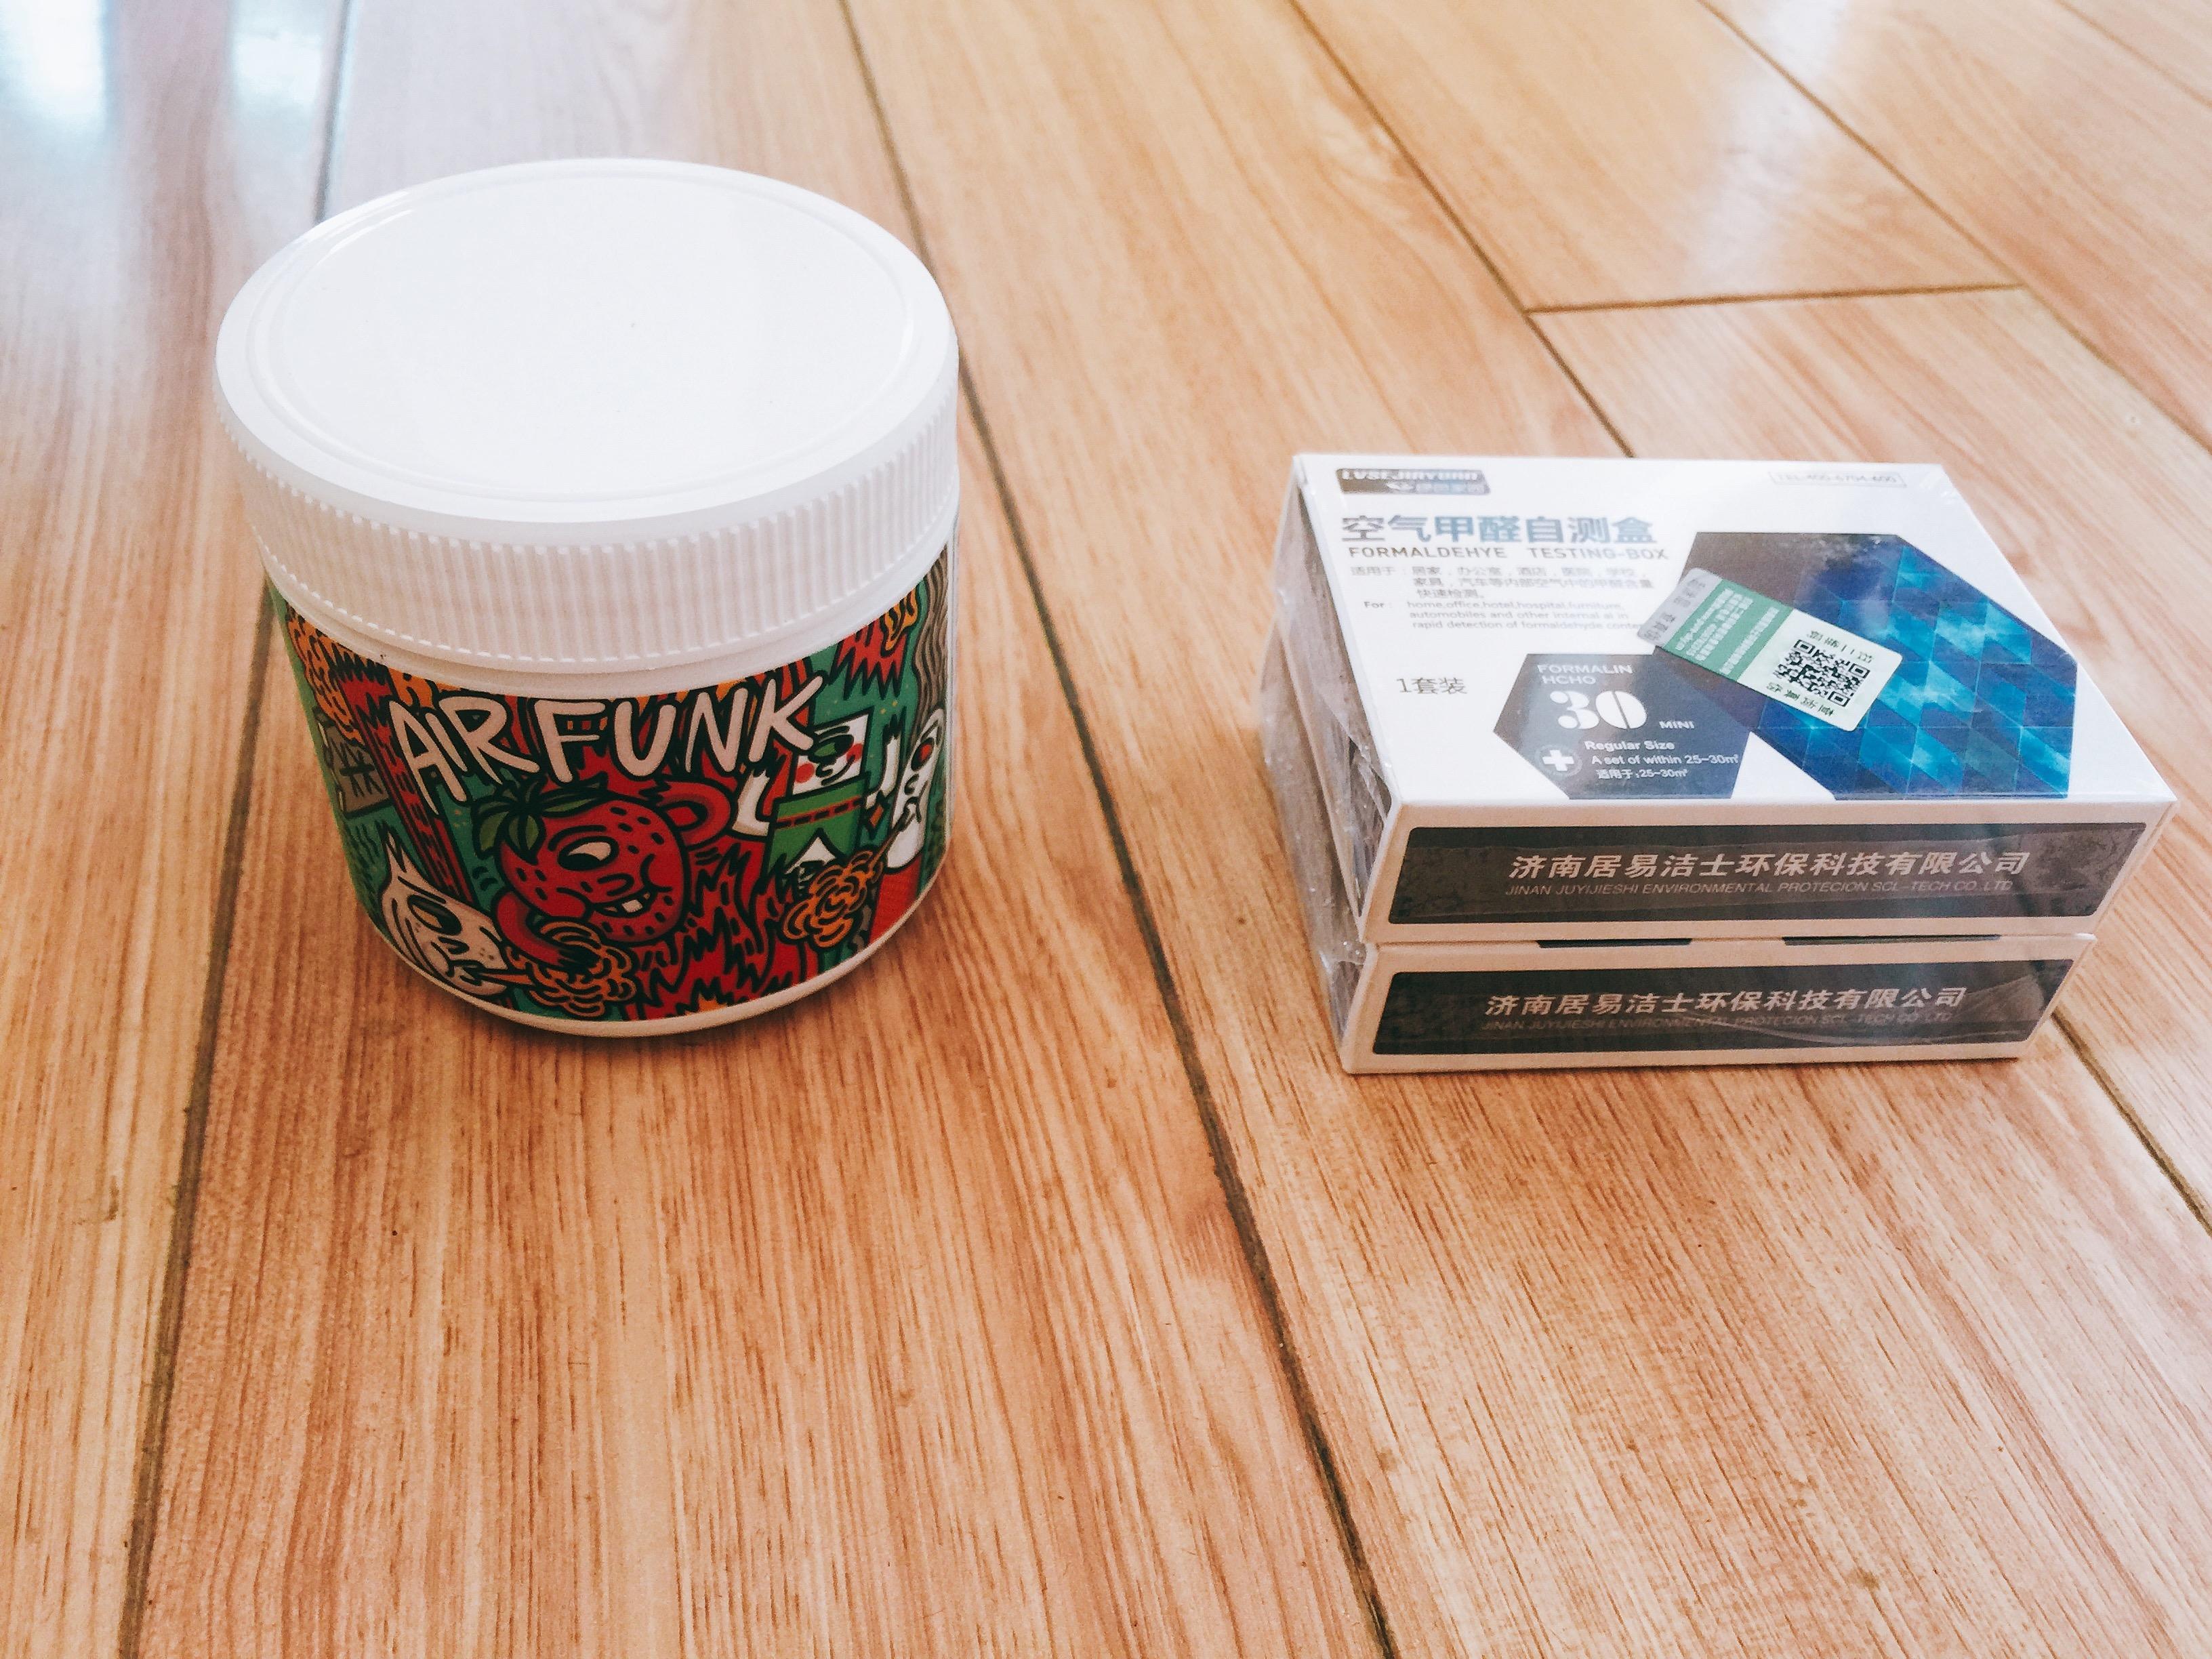 澳洲air funk甲醛清除剂和甲醛自测盒使用介绍